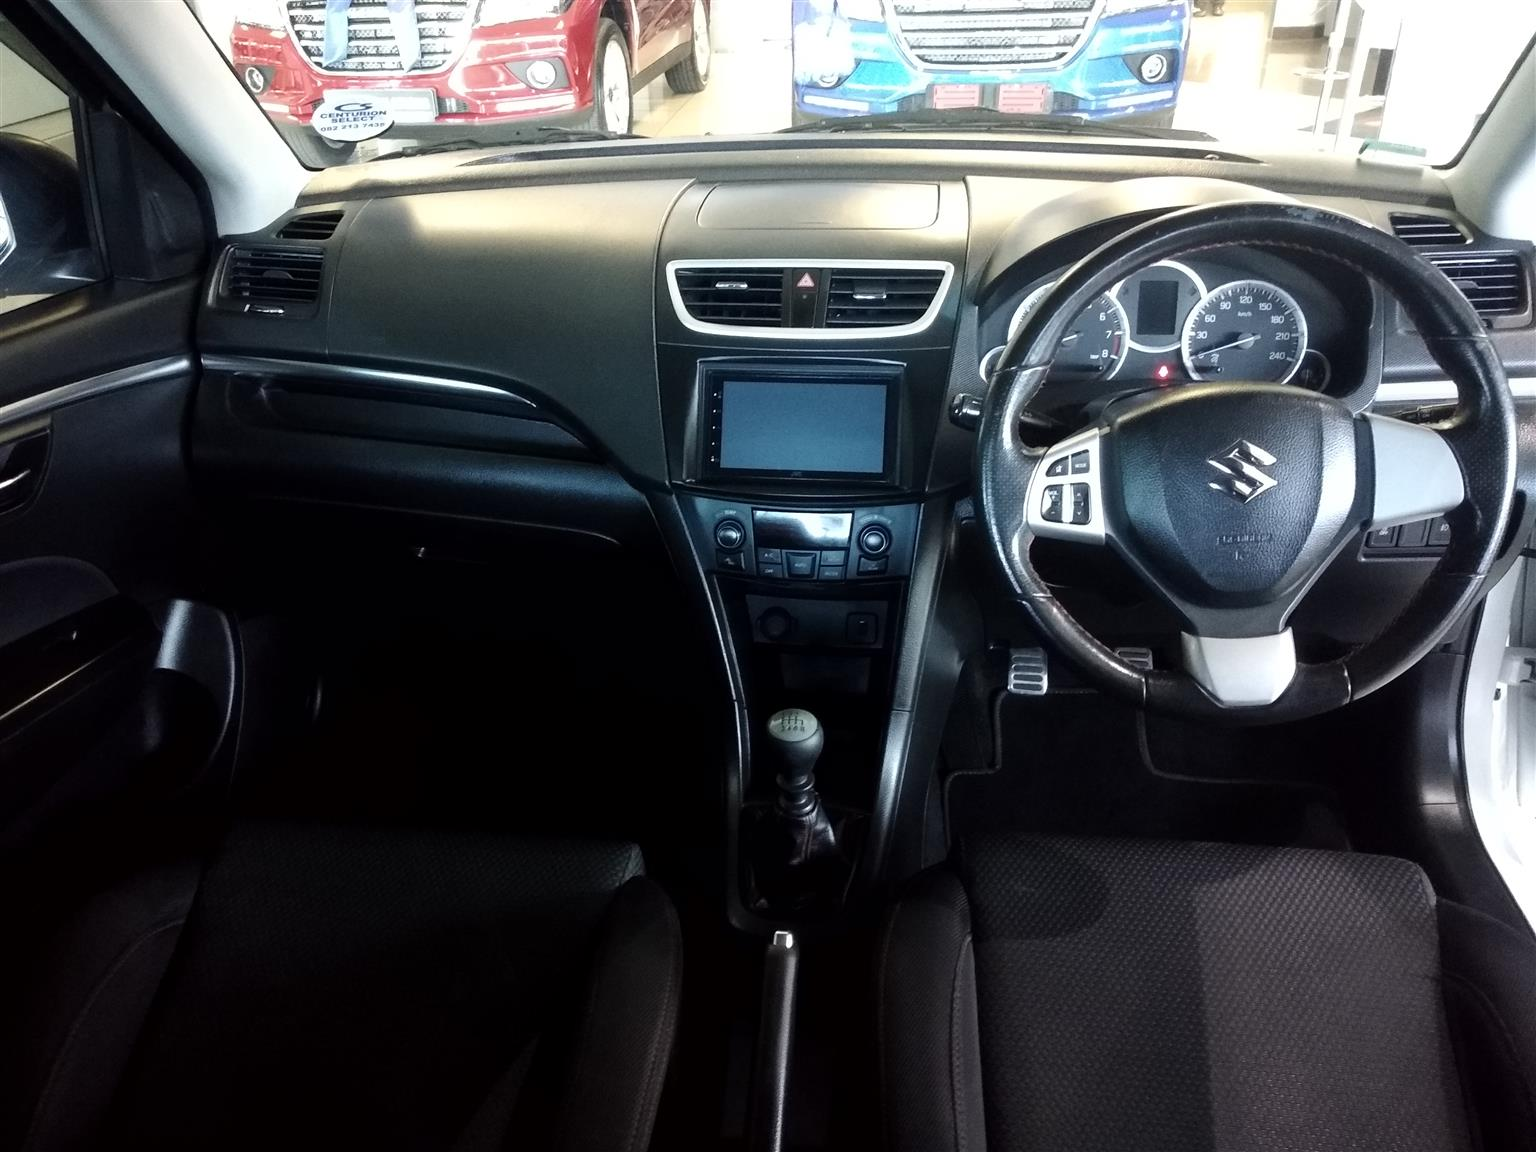 100% authentic 08b05 4bf2d 2013 Suzuki Swift hatch 1.6 Sport | Junk Mail